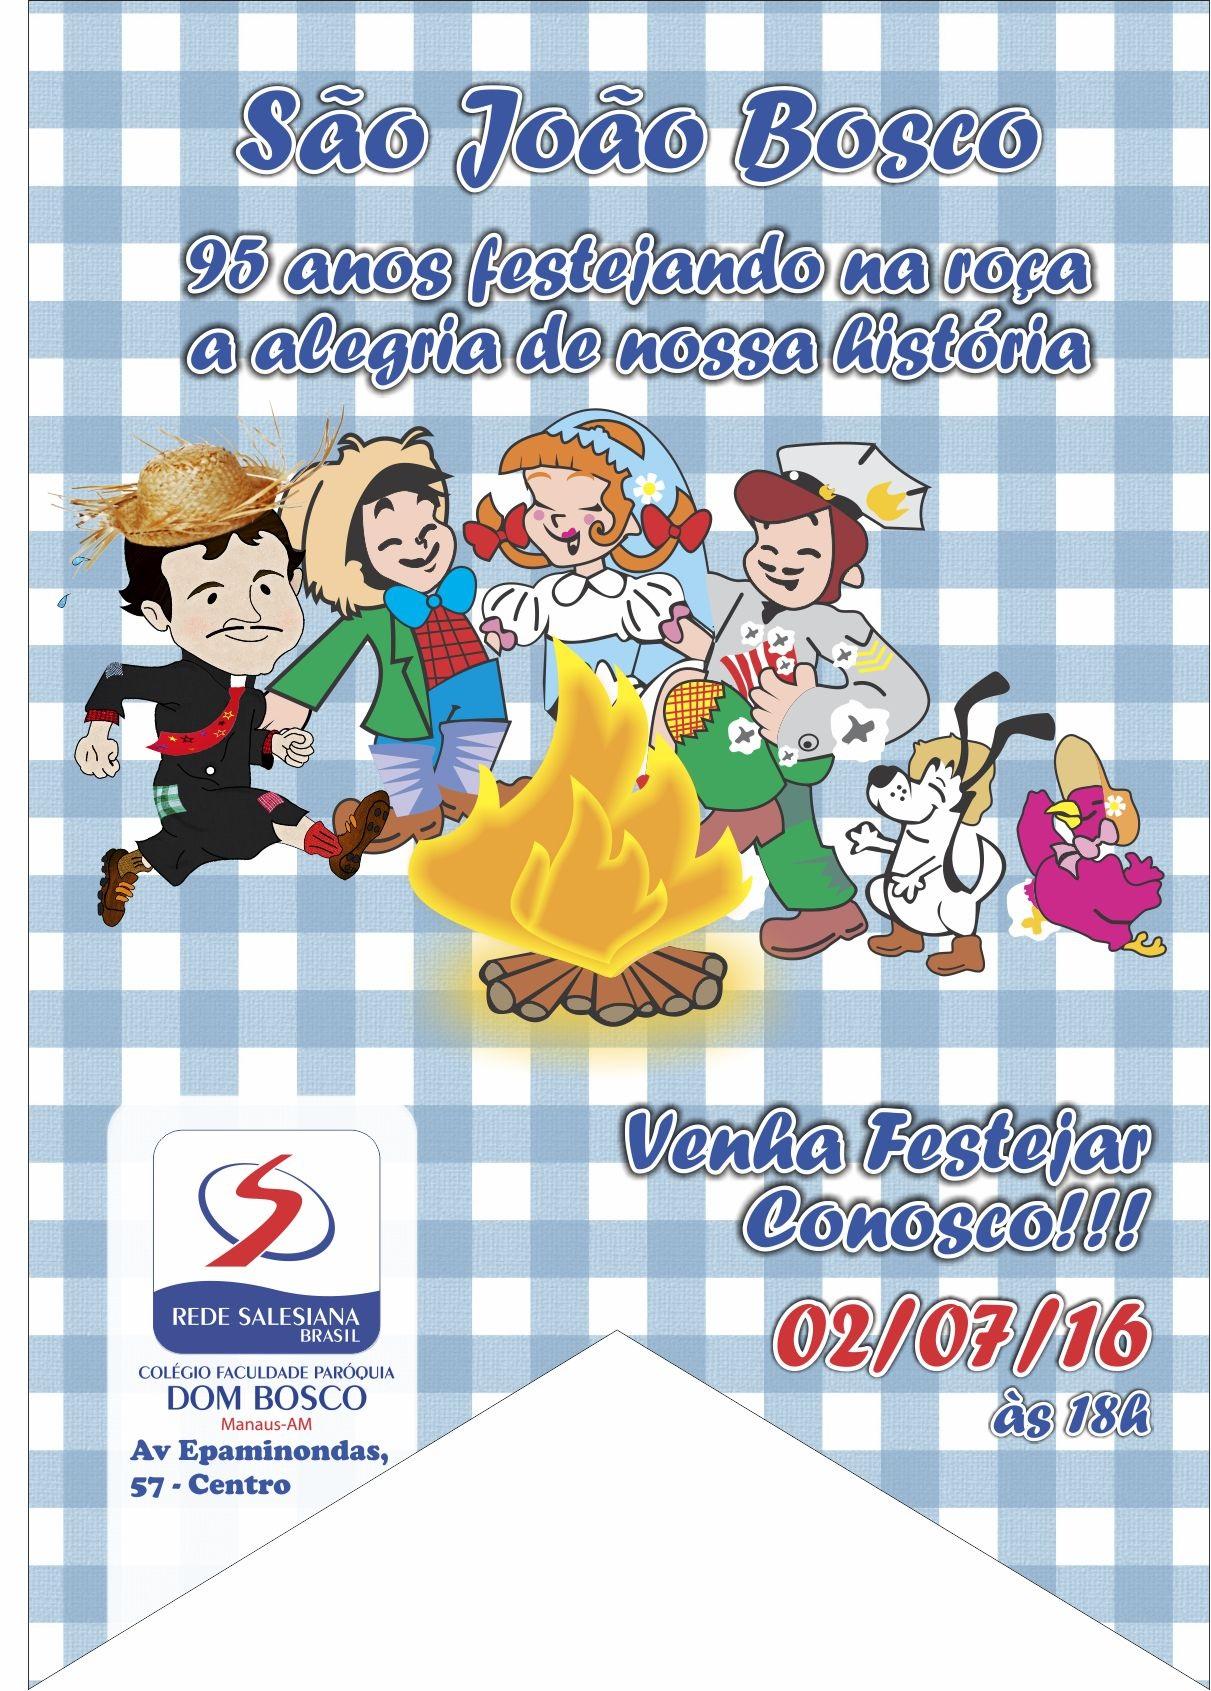 Bandeirinhas_coloridas_festa_junina_cdb_2016_azul